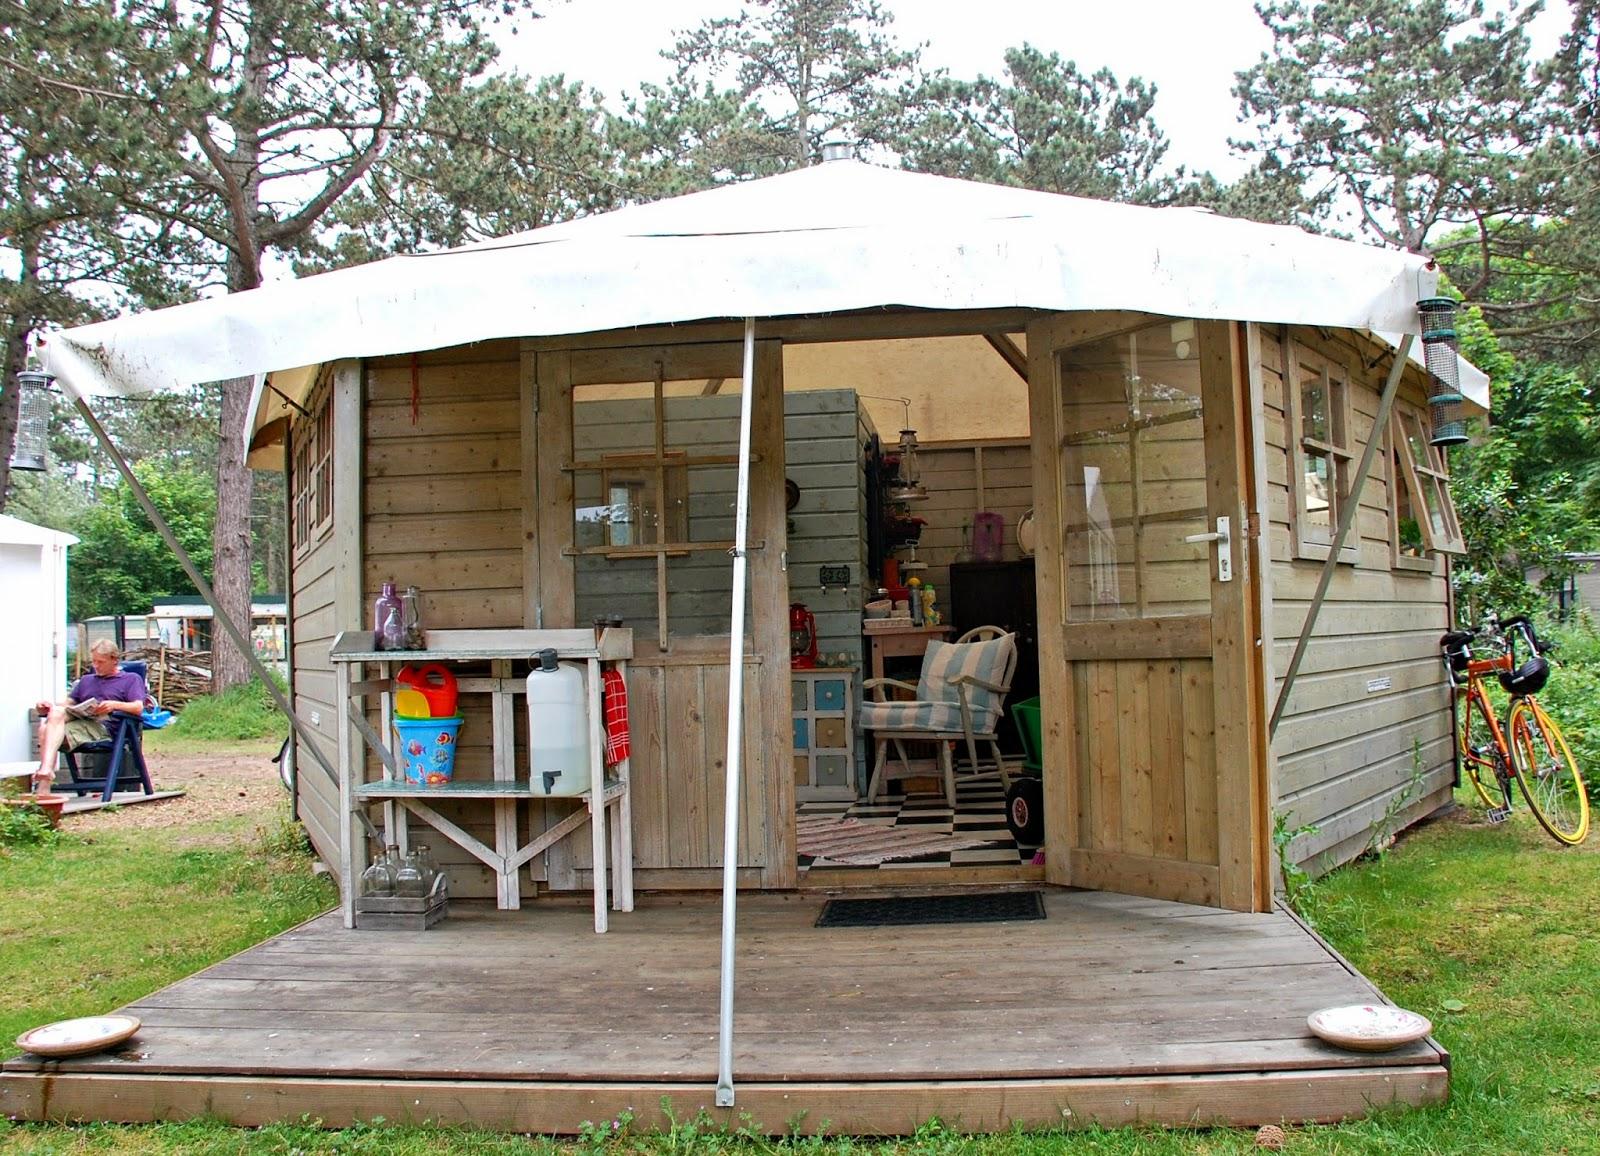 Hipaholic blog lifestyle blog met inspiratie over interieur instagram en diy camping bakkum - Interieur houten huisje ...